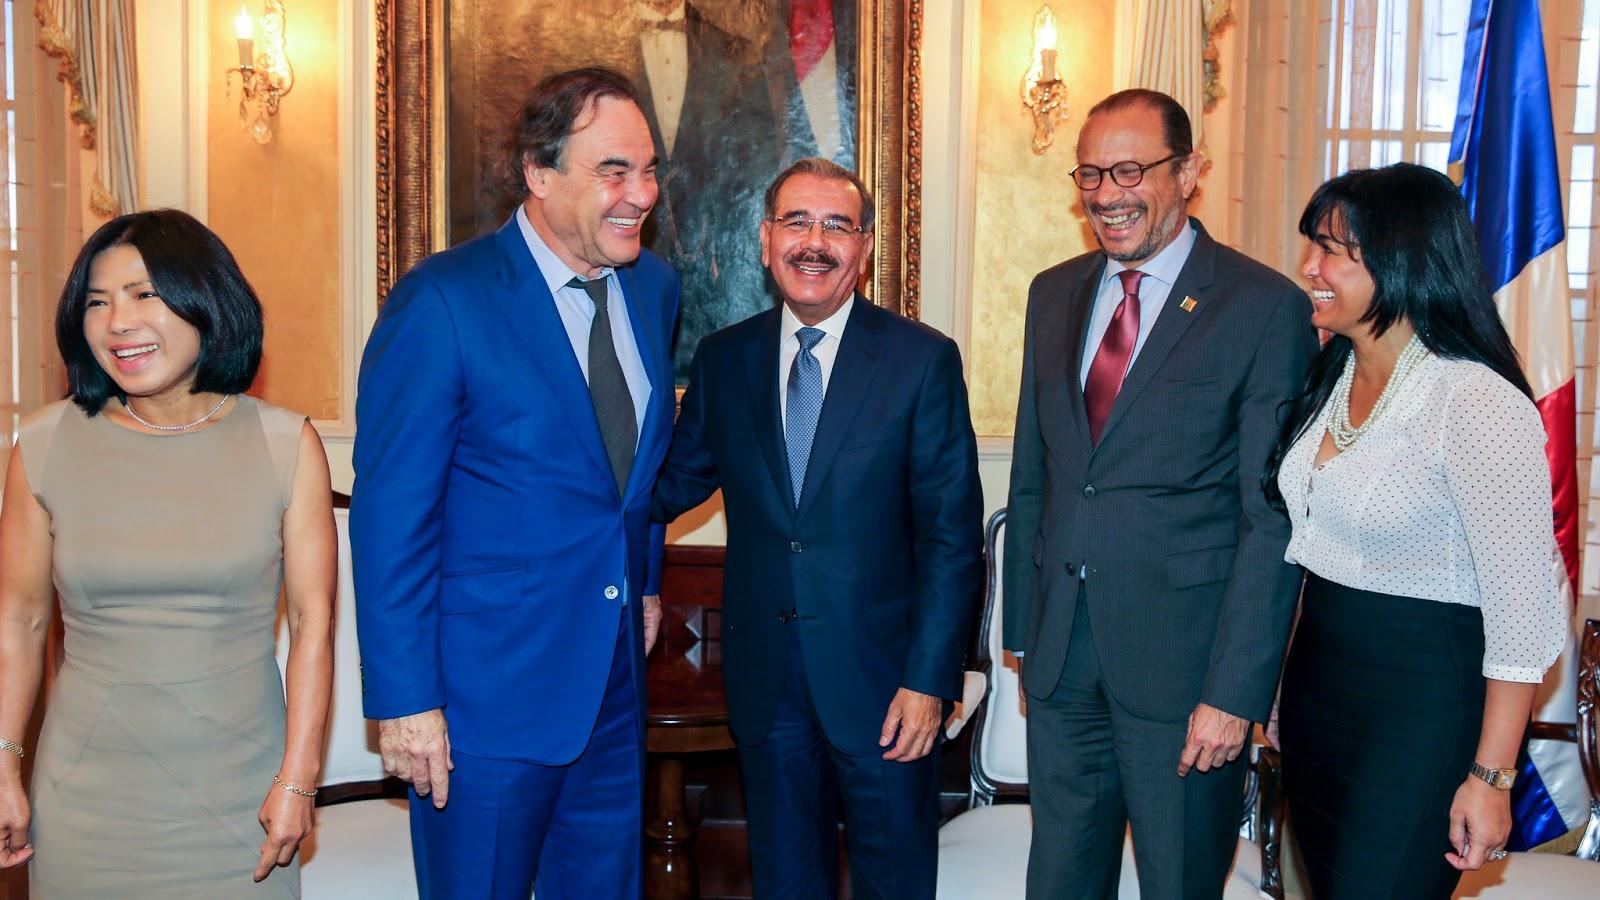 Danilo Medina y Oliver Stone conversan sobre educación y cine